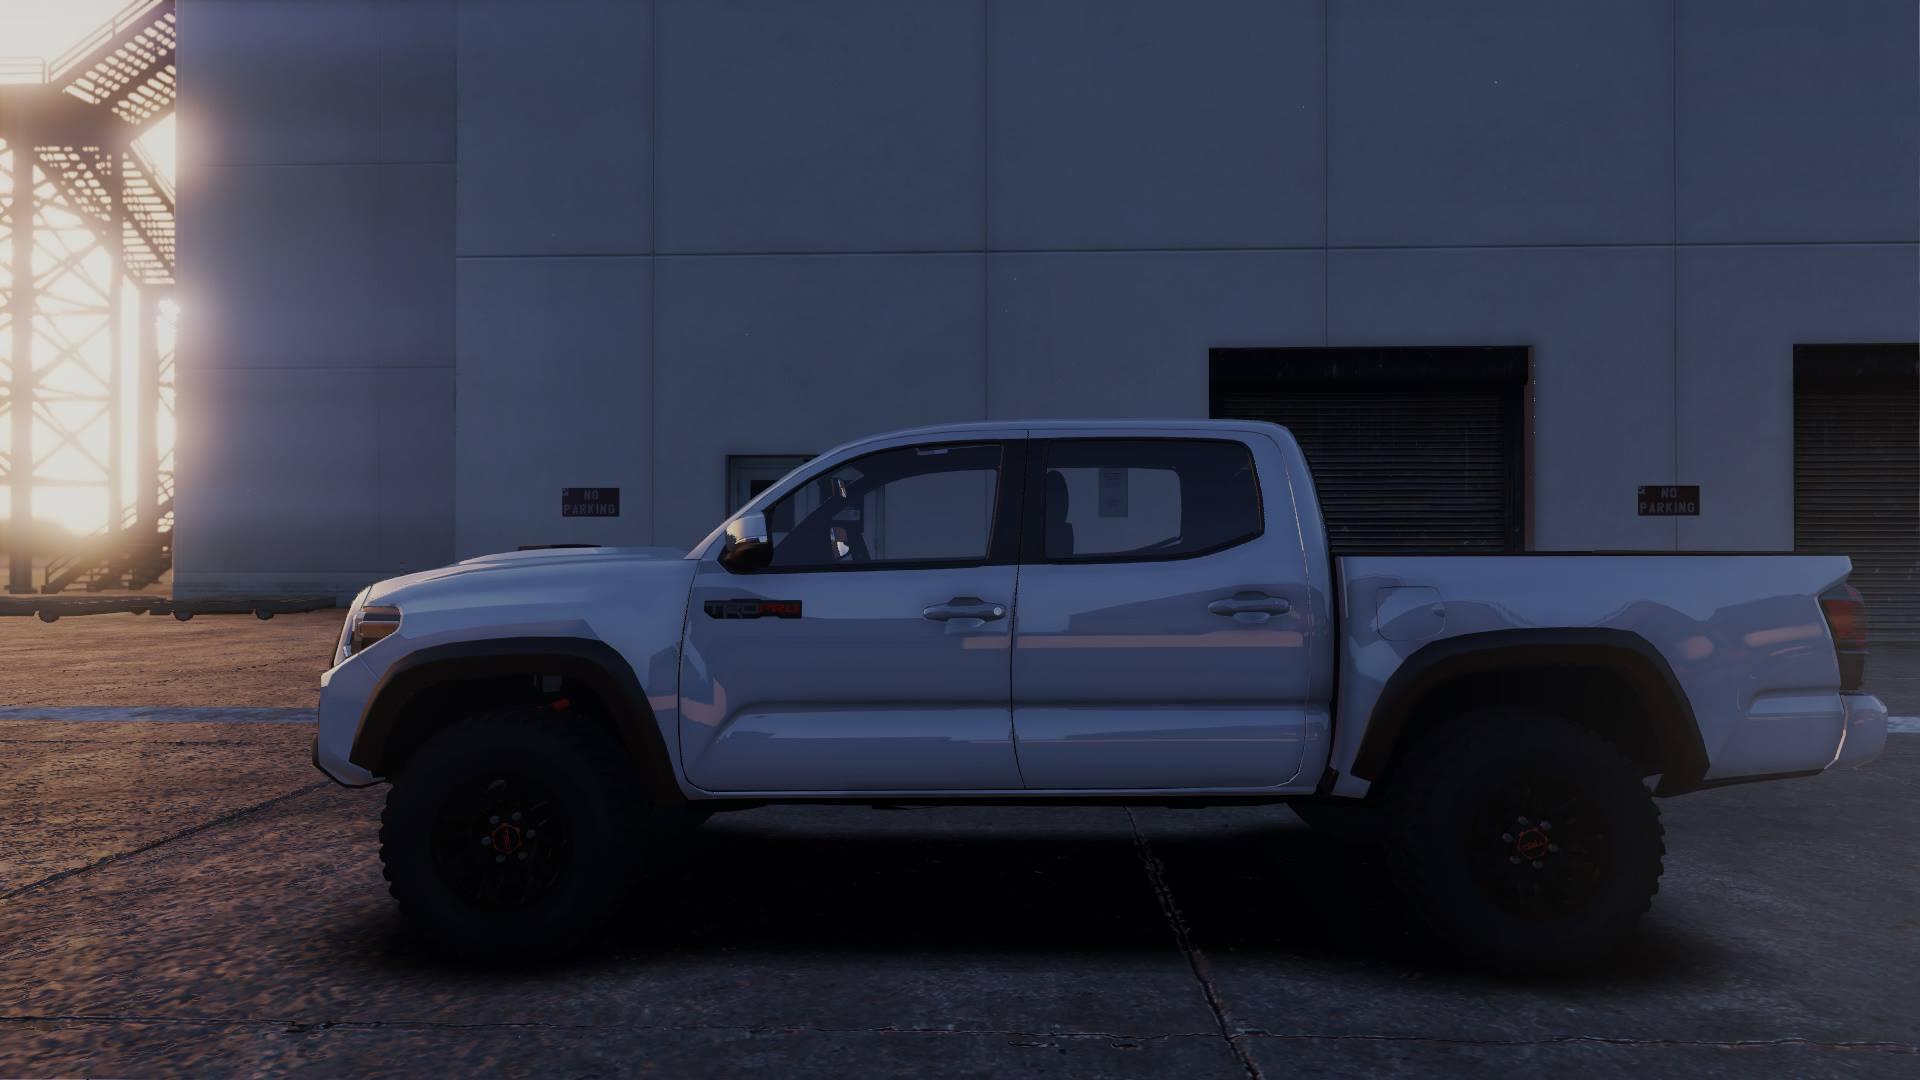 Tacoma Off Road >> [VEHICLE] Toyota Tacoma TRD PRO 2016-2017 | GTA5-Mods.com Forums